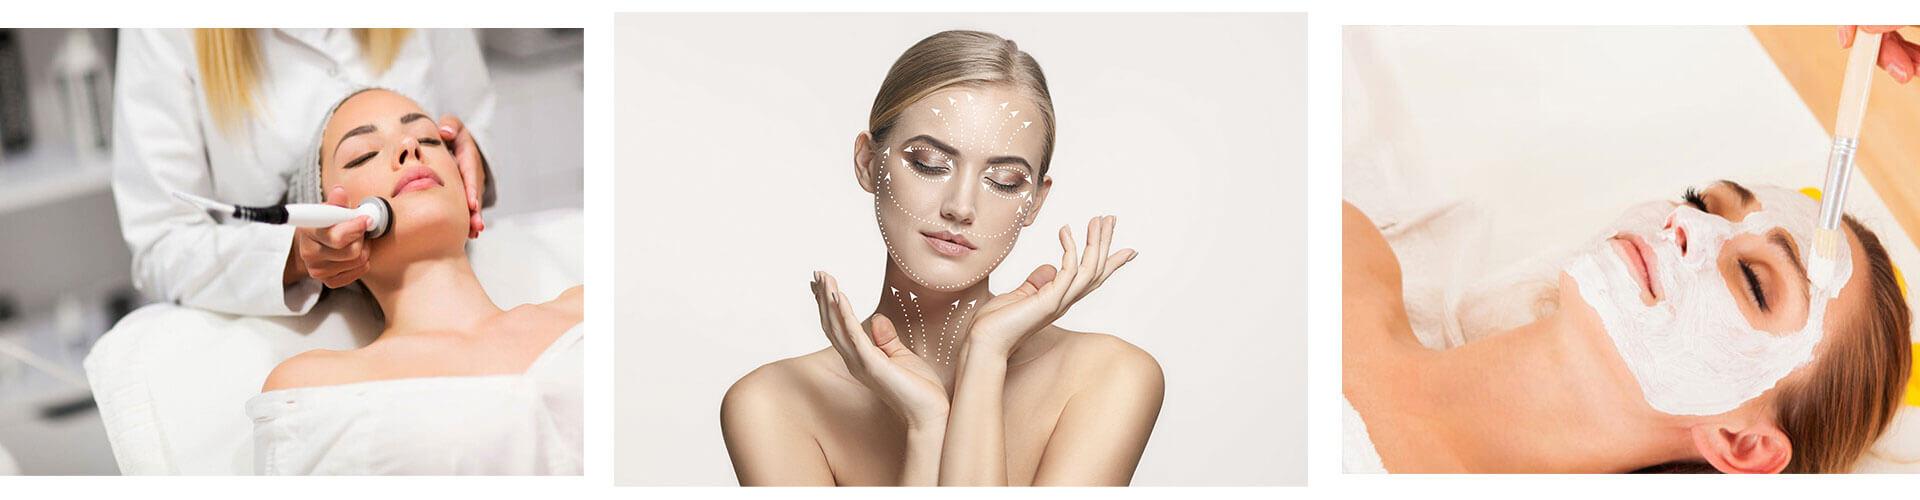 Tratamientos estética salón de belleza Karité